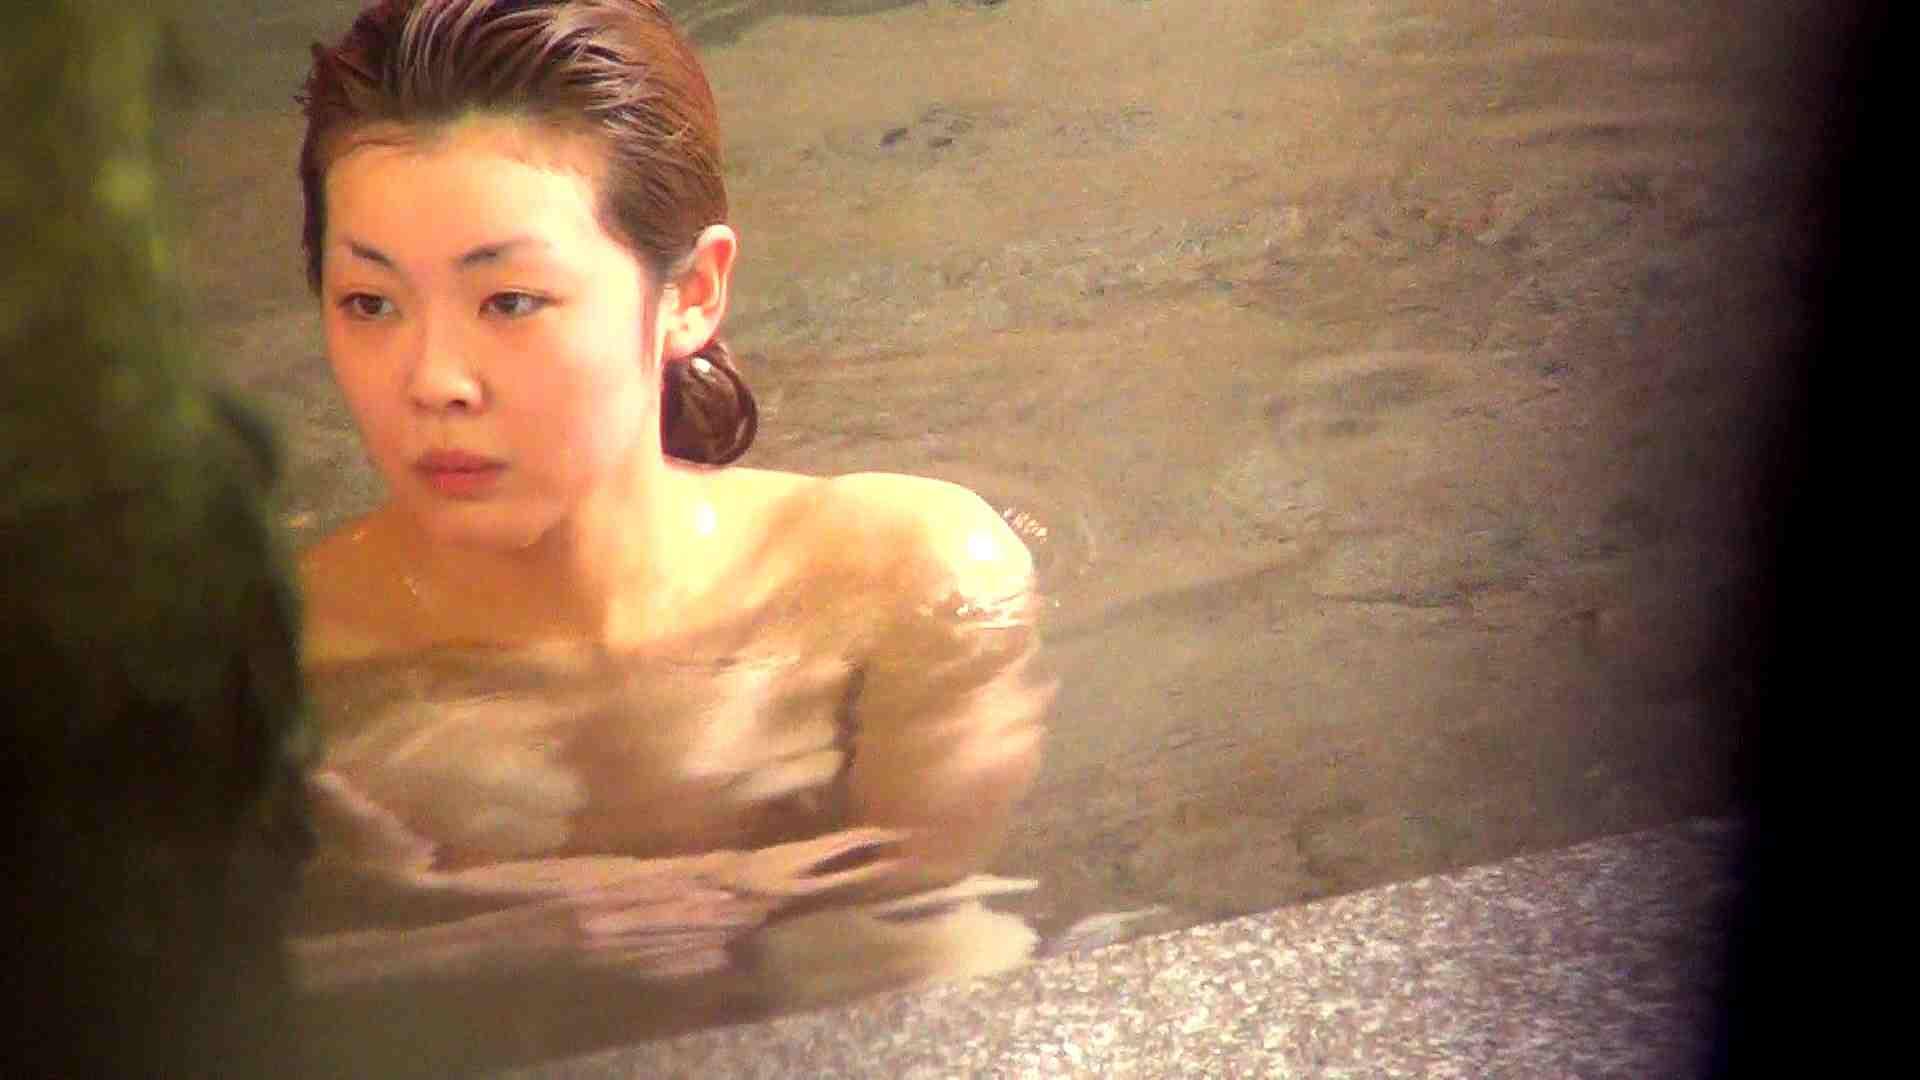 Aquaな露天風呂Vol.288 盗撮シリーズ  79PIX 74